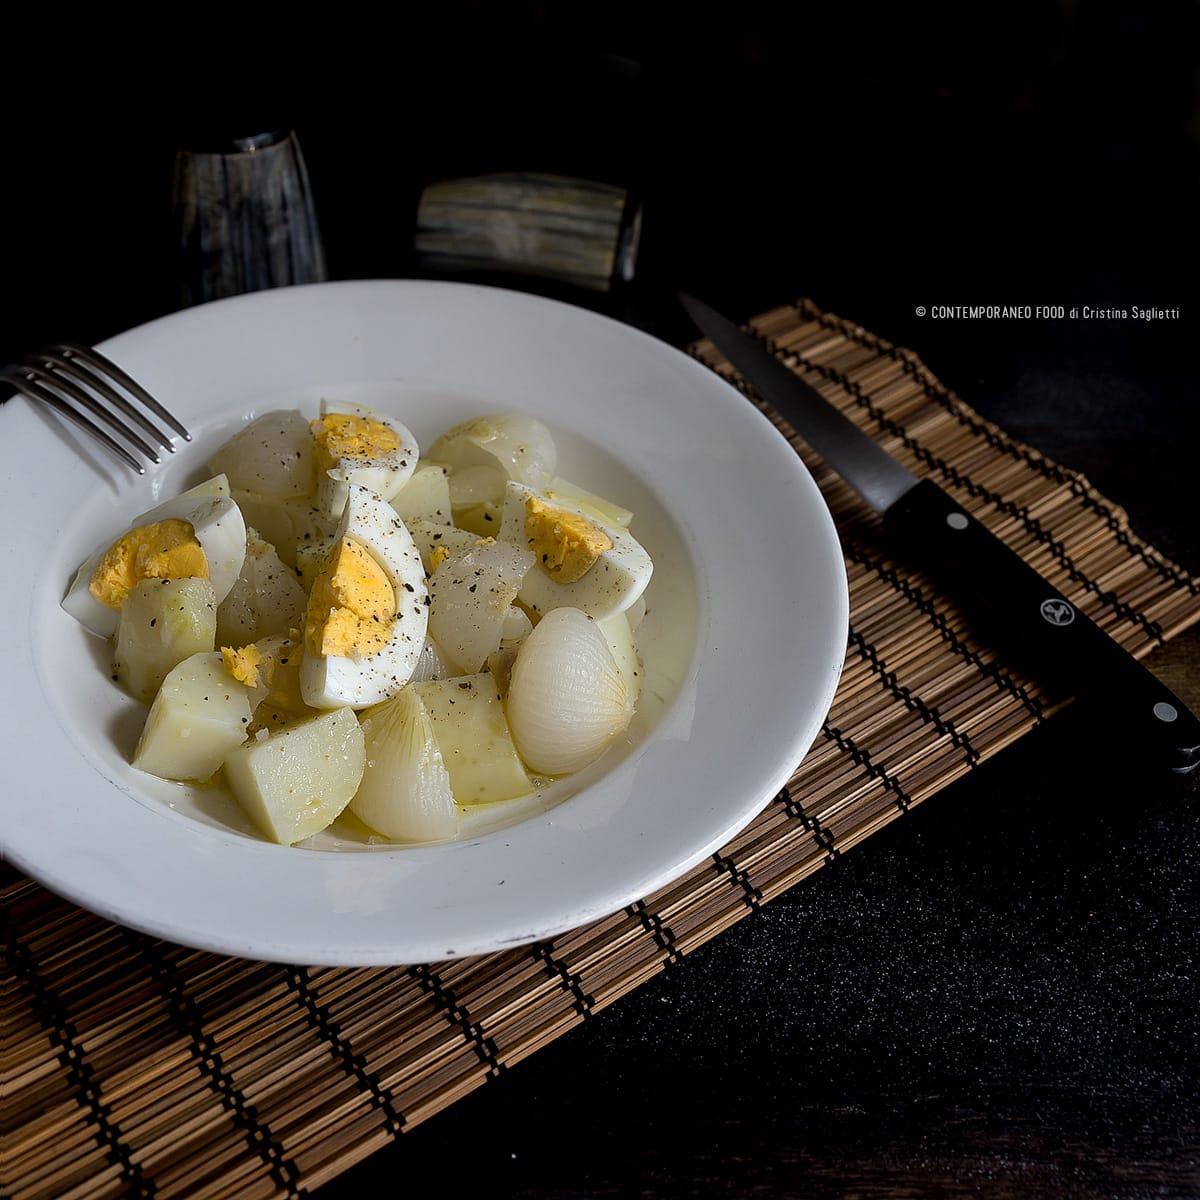 insalata-cipolle-bianche-primaverili-patate-uova-ricetta-facile-veloce-contemporaneo-food